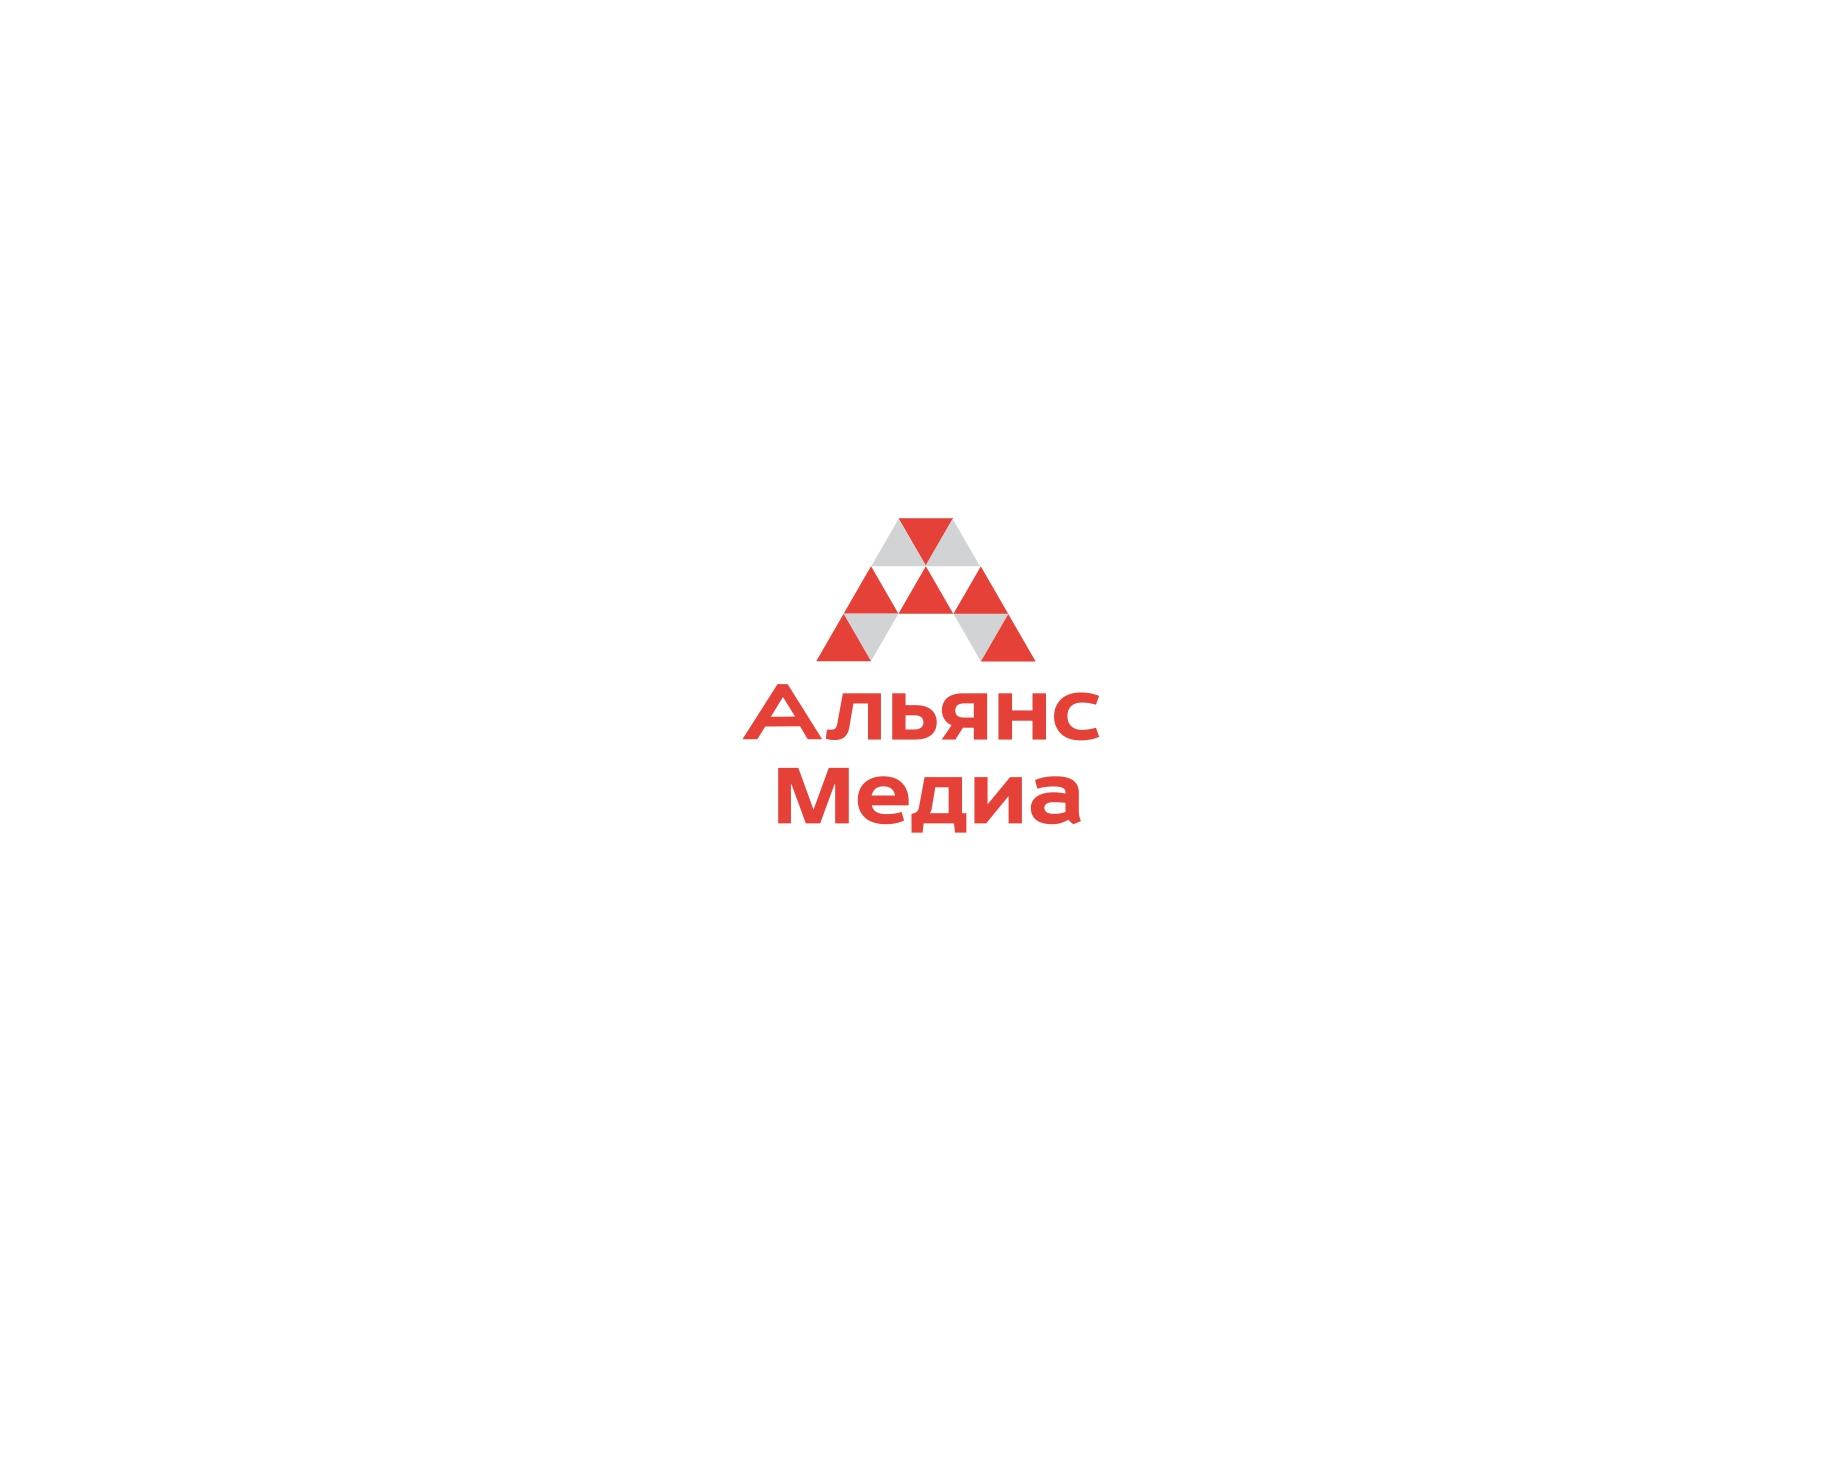 Создать логотип для компании фото f_6625aa9088d14944.jpg